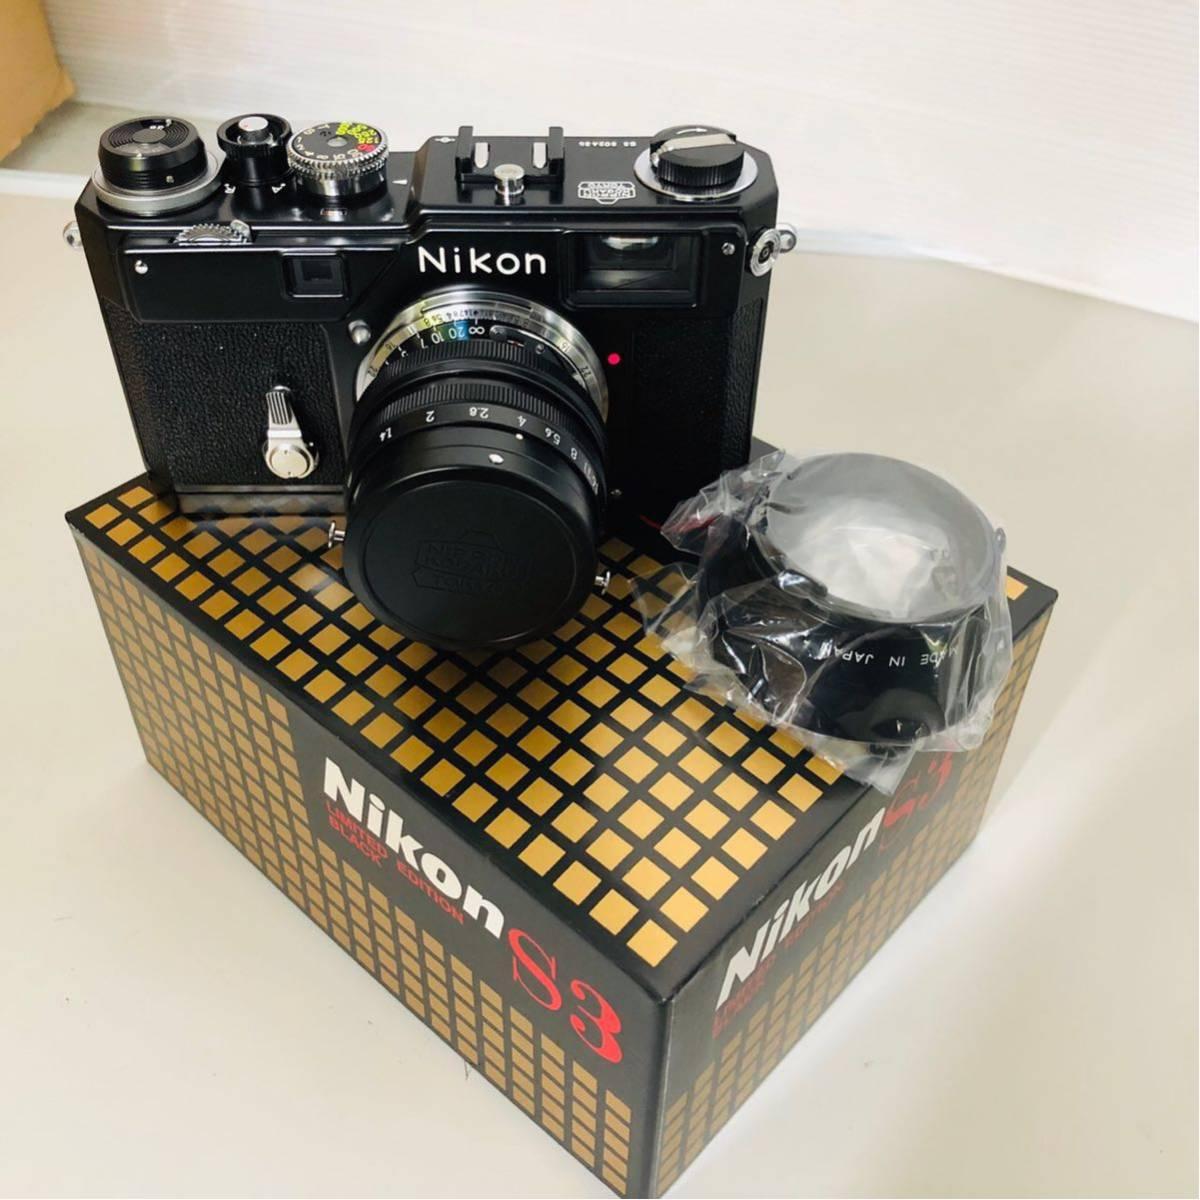 【未使用・美品】Nikon S3 LIMITED EDITION BLACK 50mm F1.4 302435_画像3